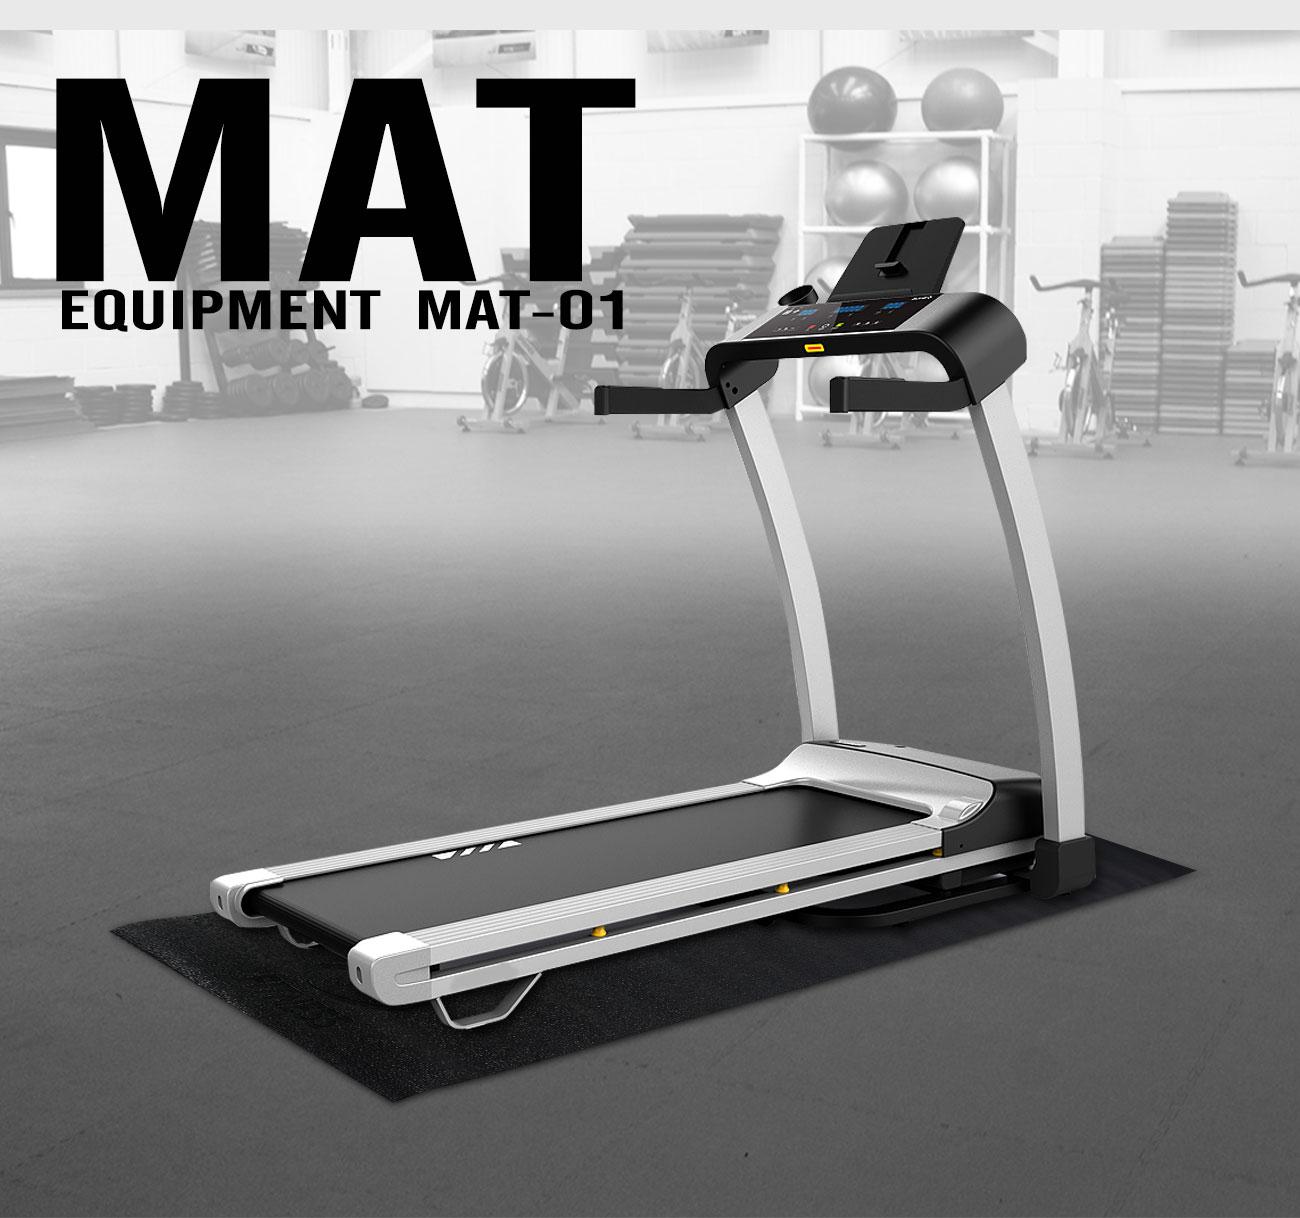 MAT EQUIPMENT MAT-01